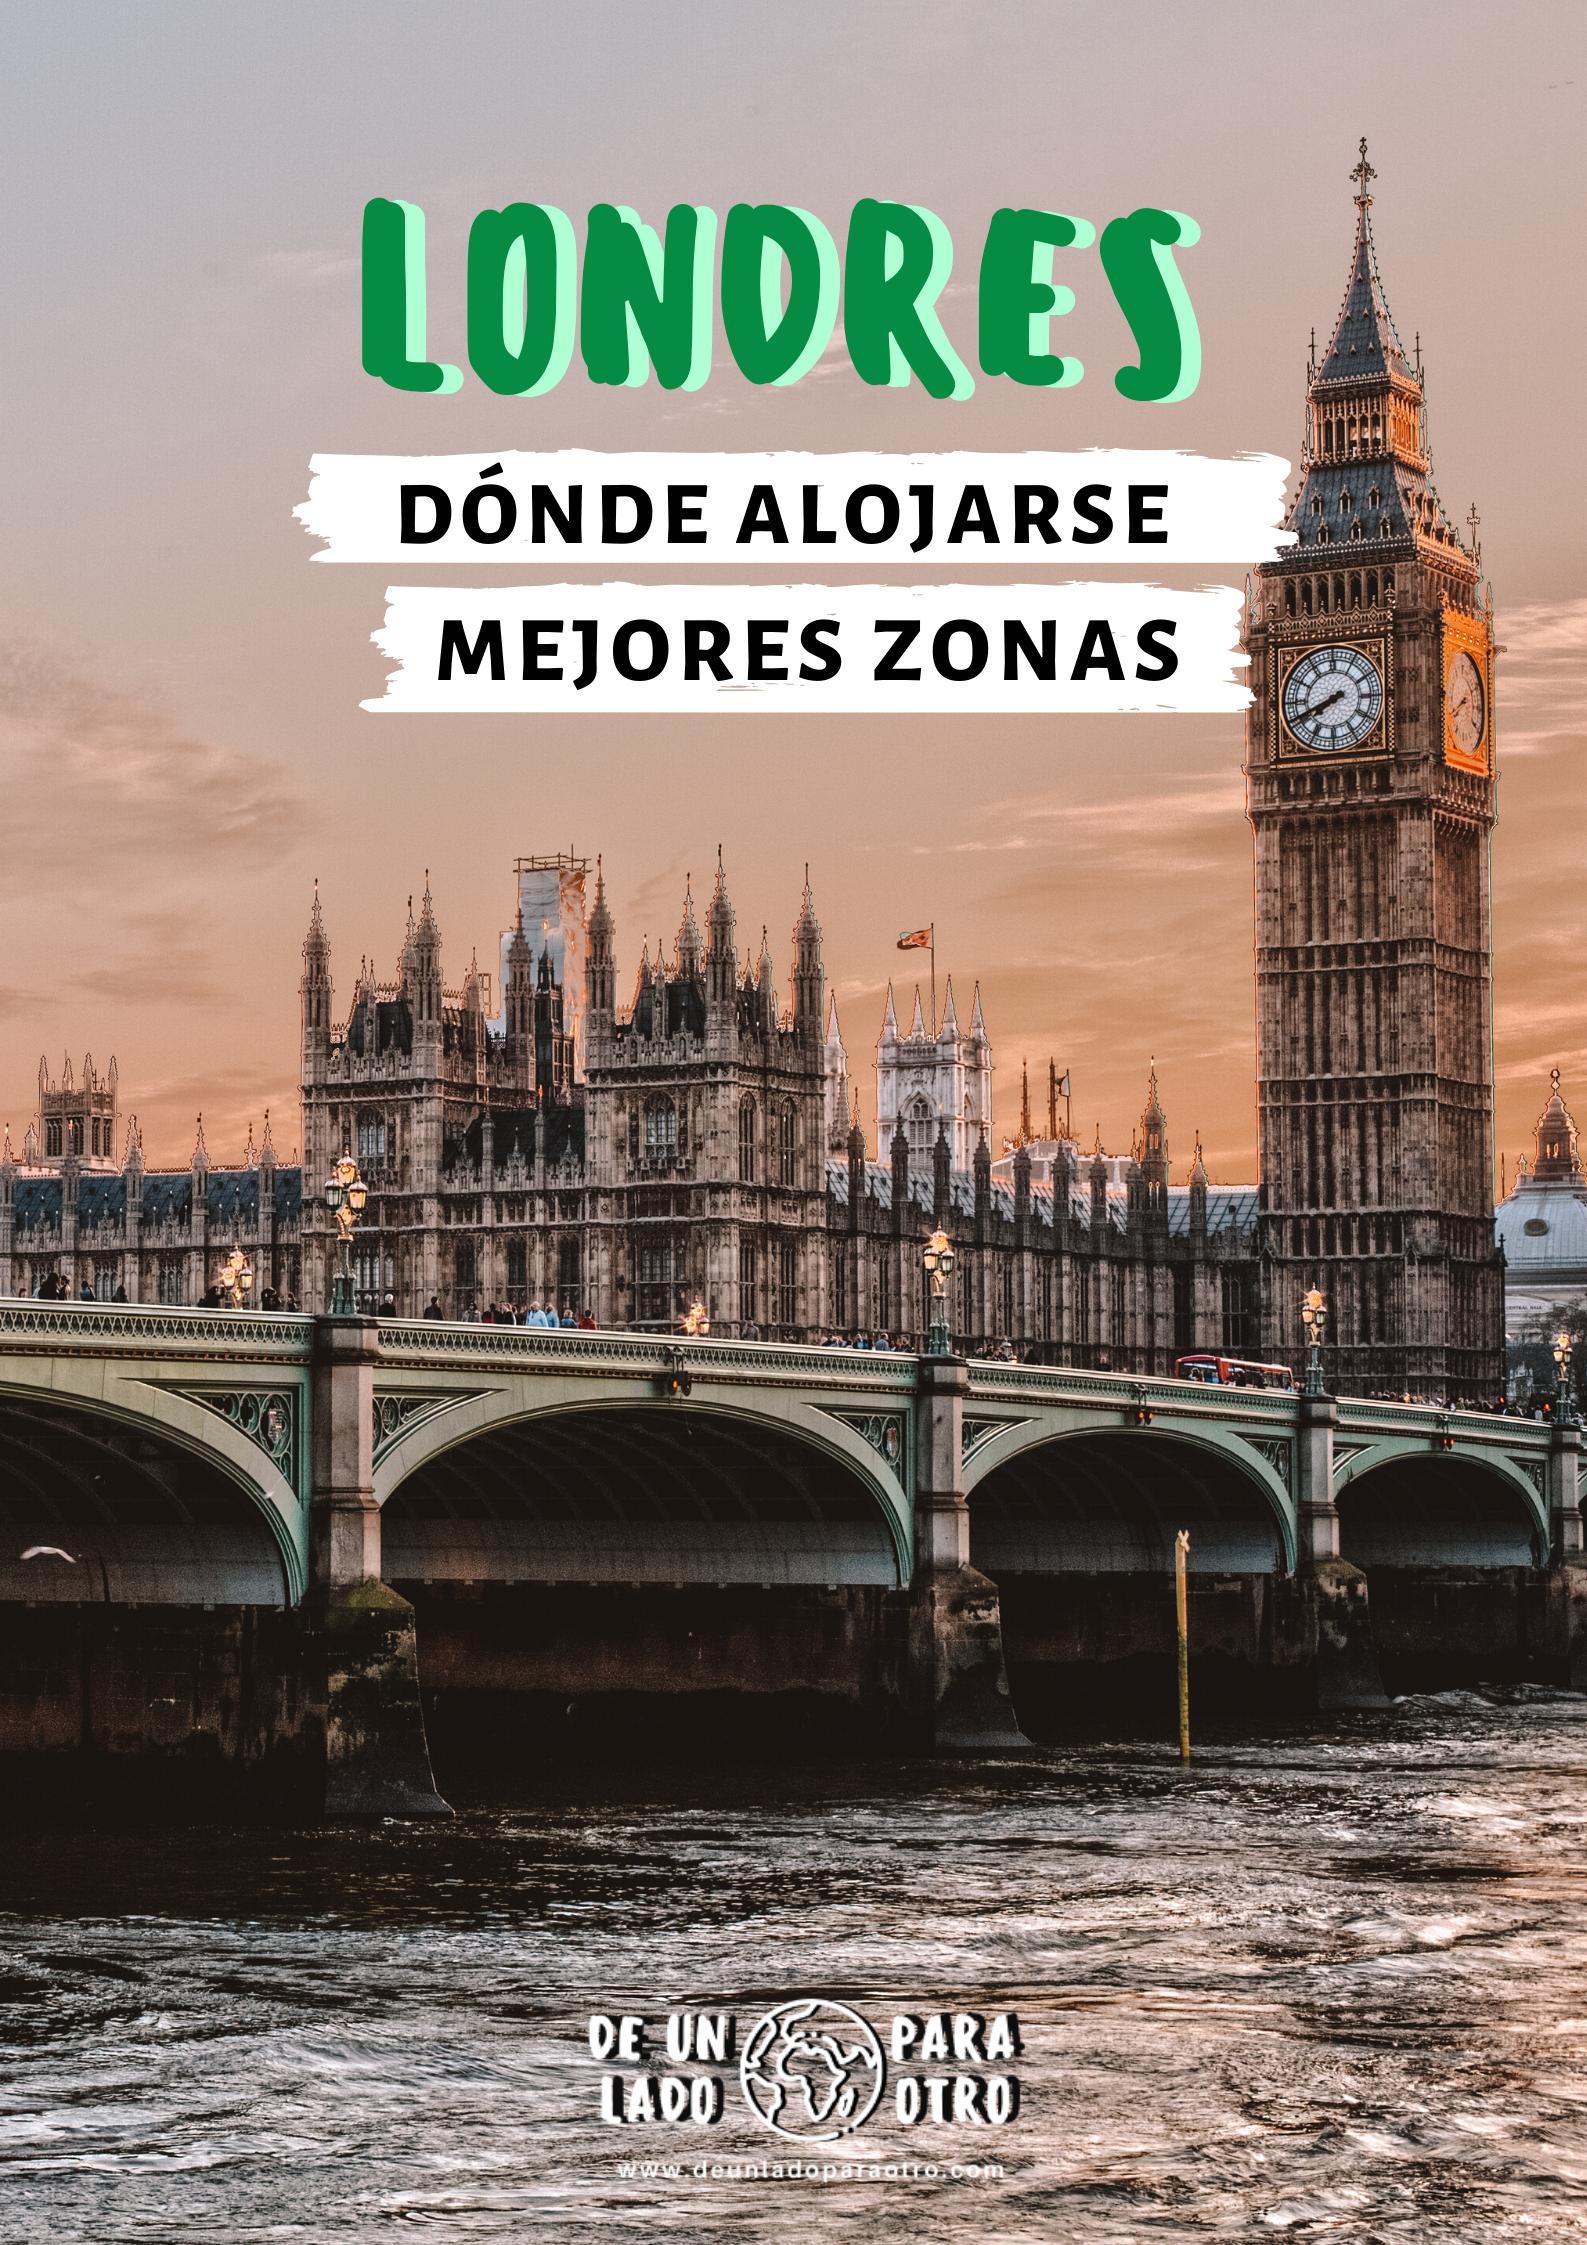 Dónde Alojarse En Londres Mejores Zonas Y Hoteles En 2020 Viajes A Londres Viaje A Europa Gatwick